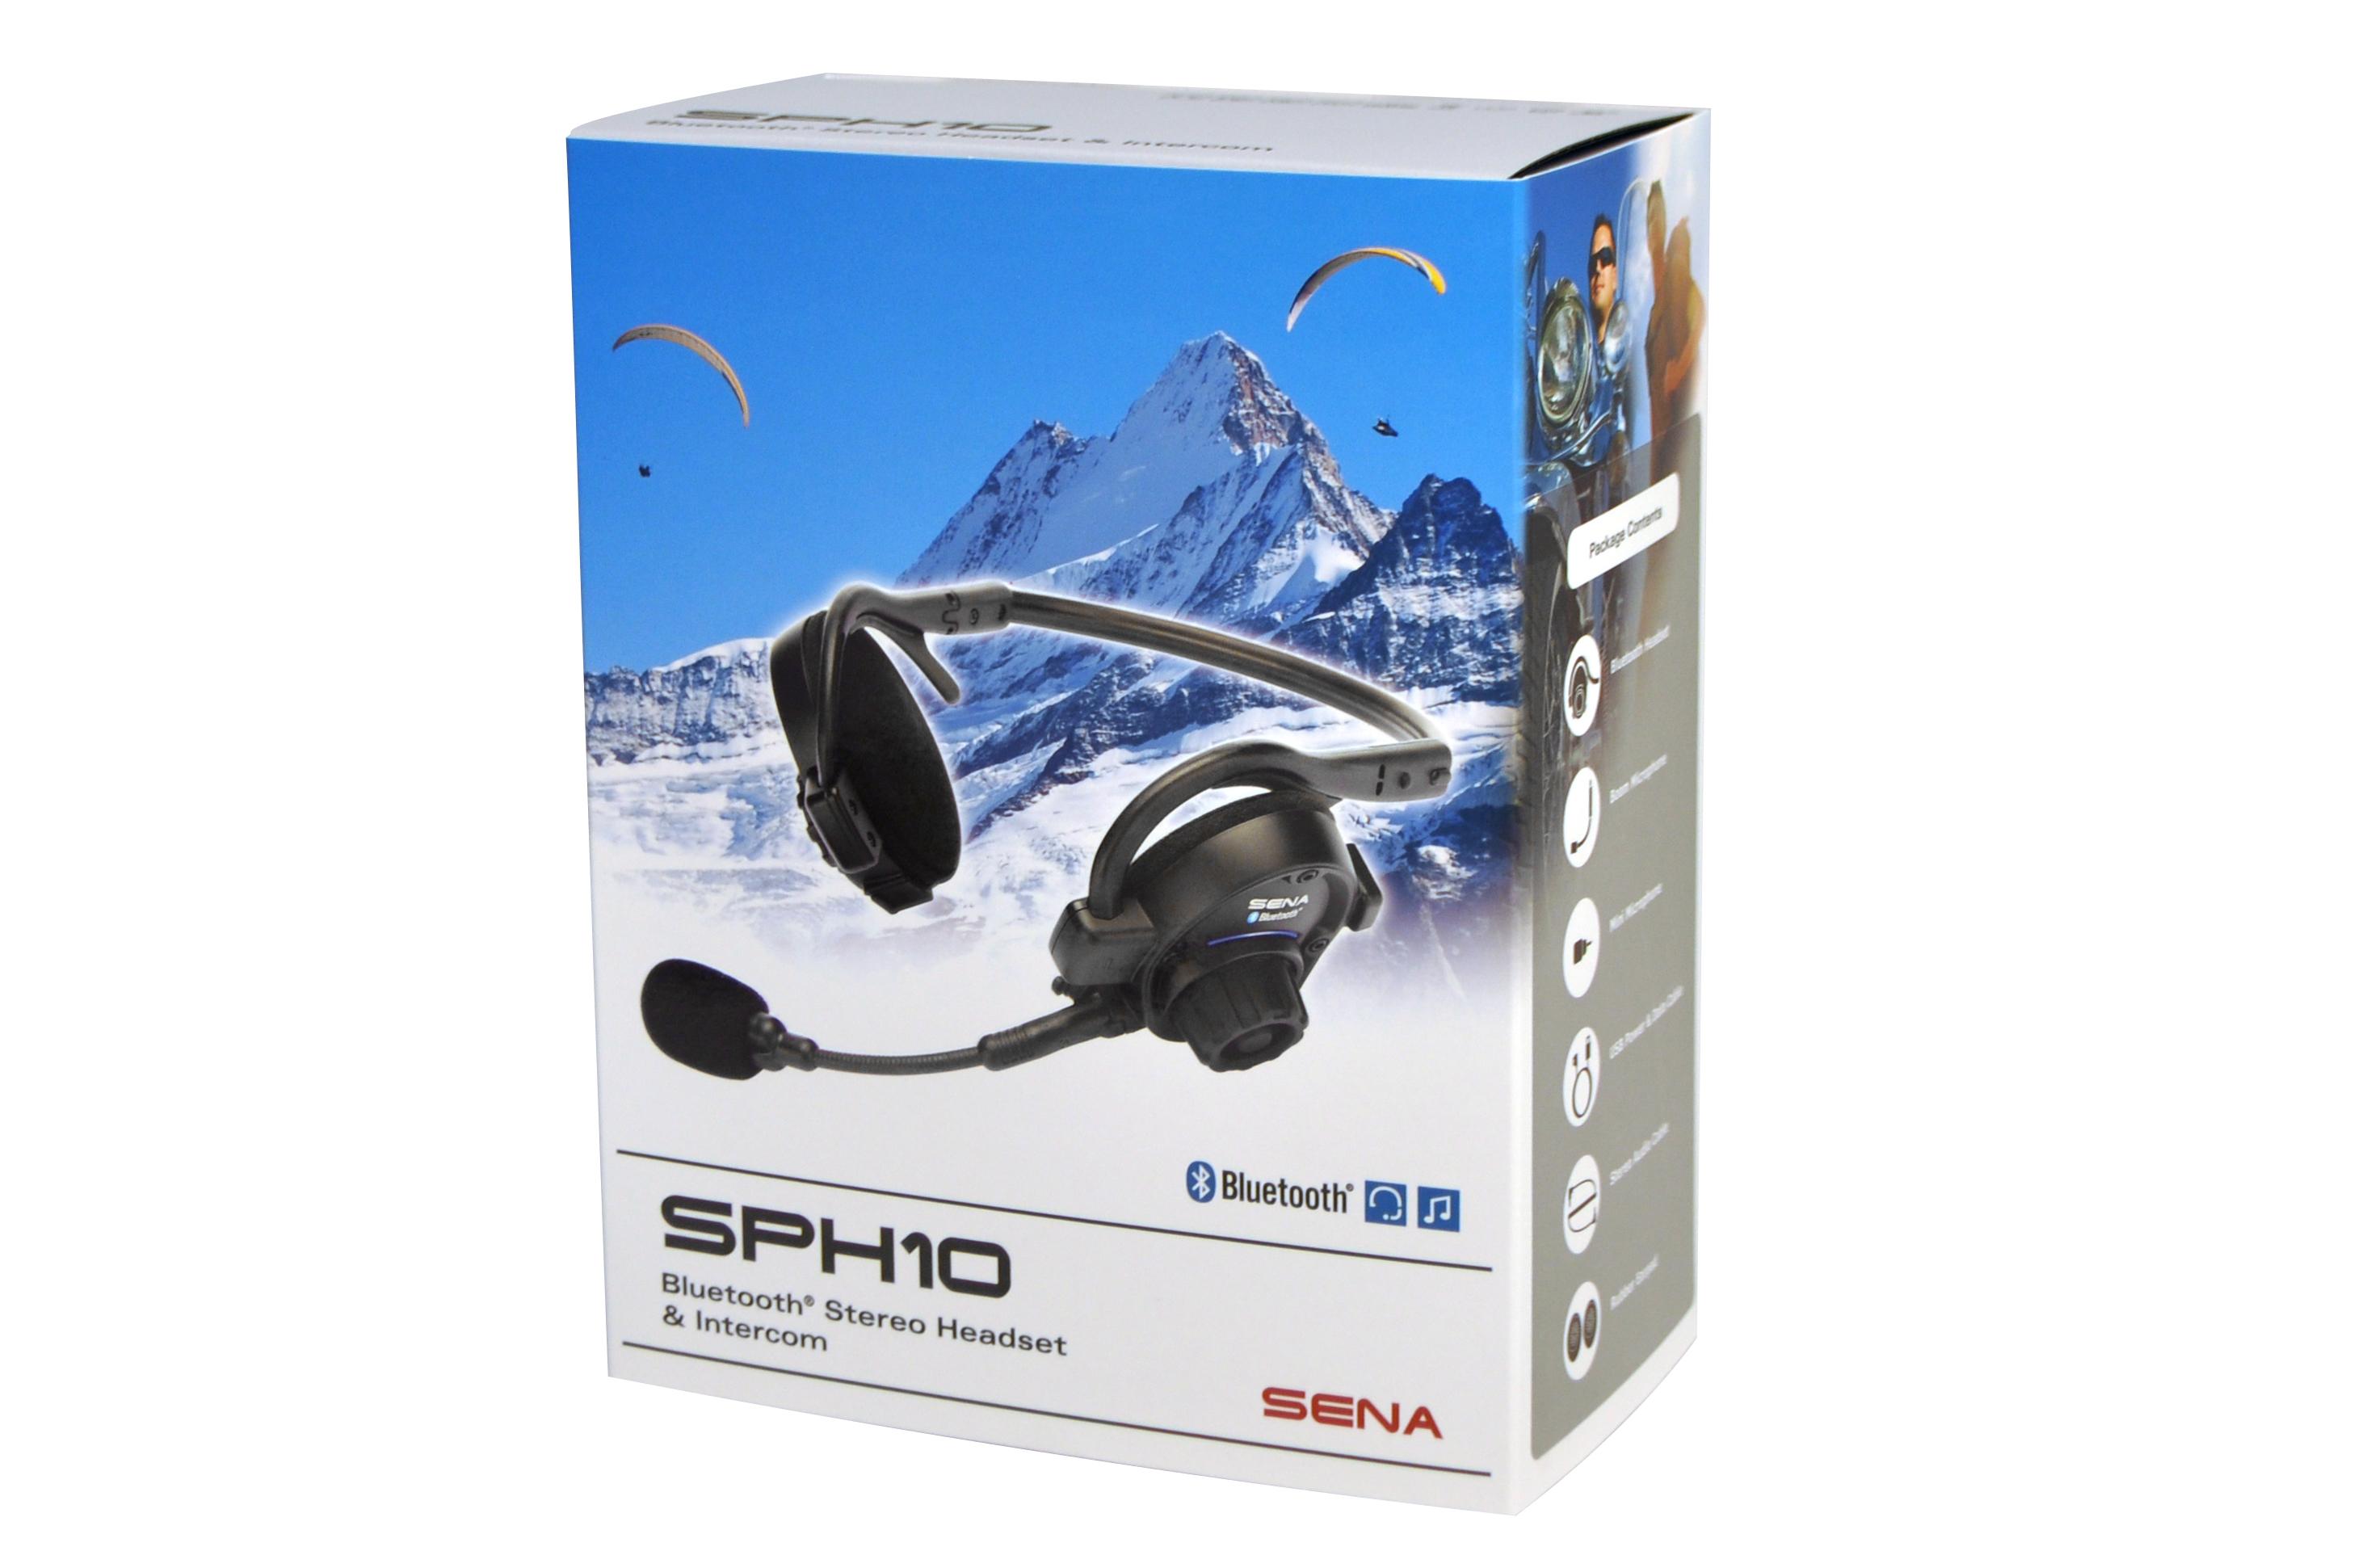 SPH10Verpackung